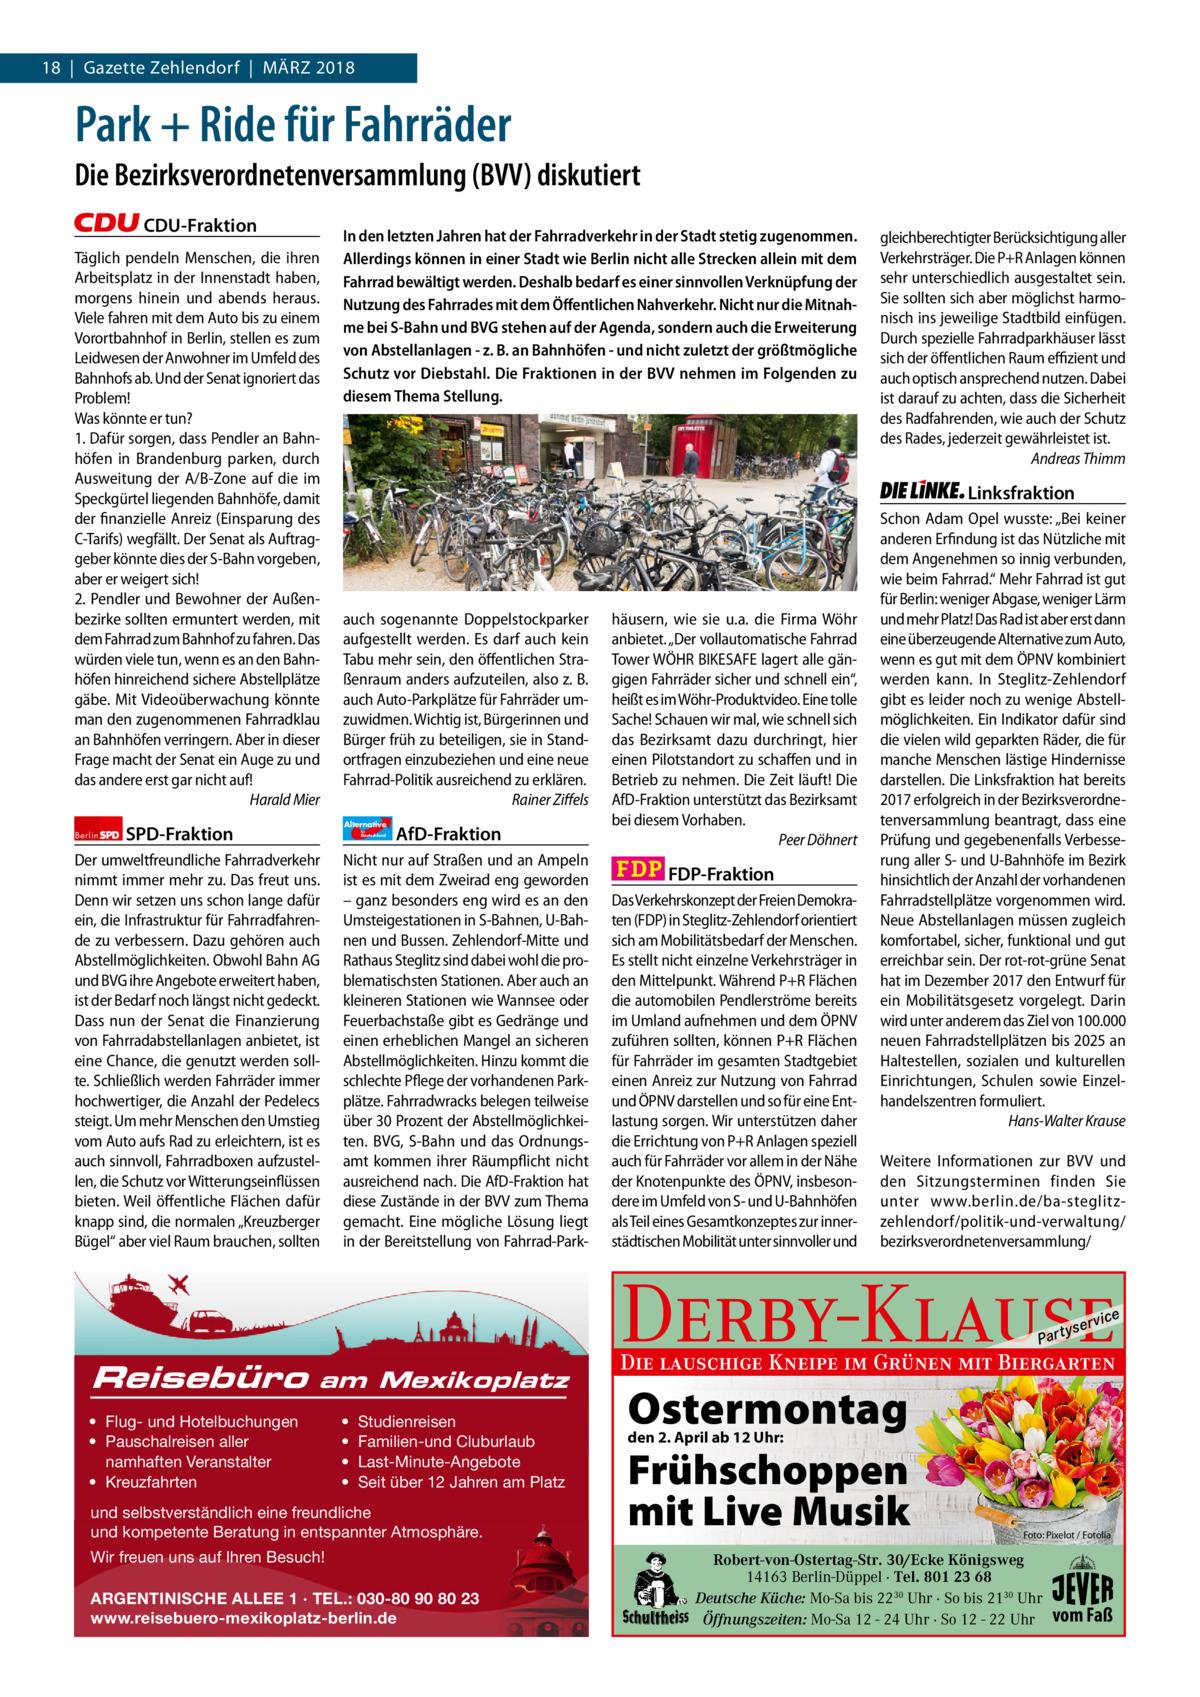 18 Gazette Zehlendorf MärZ 2018 1   Gazette Zehlendorf   2017  Park + Ride für Fahrräder Die Bezirksverordnetenversammlung (BVV) diskutiert CDU-Fraktion Täglich pendeln Menschen, die ihren Arbeitsplatz in der Innenstadt haben, morgens hinein und abends heraus. Viele fahren mit dem Auto bis zu einem Vorortbahnhof in Berlin, stellen es zum Leidwesen der Anwohner im Umfeld des Bahnhofs ab. Und der Senat ignoriert das Problem! Was könnte er tun? 1. Dafür sorgen, dass Pendler an Bahnhöfen in Brandenburg parken, durch Ausweitung der A/B-Zone auf die im Speckgürtel liegenden Bahnhöfe, damit der finanzielle Anreiz (Einsparung des C-Tarifs) wegfällt. Der Senat als Auftraggeber könnte dies der S-Bahn vorgeben, aber er weigert sich! 2. Pendler und Bewohner der Außenbezirke sollten ermuntert werden, mit dem Fahrrad zum Bahnhof zu fahren. Das würden viele tun, wenn es an den Bahnhöfen hinreichend sichere Abstellplätze gäbe. Mit Videoüberwachung könnte man den zugenommenen Fahrradklau an Bahnhöfen verringern. Aber in dieser Frage macht der Senat ein Auge zu und das andere erst gar nicht auf! Harald Mier Berlin  In den letzten Jahren hat der Fahrradverkehr in der Stadt stetig zugenommen. Allerdings können in einer Stadt wie Berlin nicht alle Strecken allein mit dem Fahrrad bewältigt werden. Deshalb bedarf es einer sinnvollen Verknüpfung der Nutzung des Fahrrades mit dem Öffentlichen Nahverkehr. Nicht nur die Mitnahme bei S-Bahn und BVG stehen auf der Agenda, sondern auch die Erweiterung von Abstellanlagen - z. B. an Bahnhöfen - und nicht zuletzt der größtmögliche Schutz vor Diebstahl. Die Fraktionen in der BVV nehmen im Folgenden zu diesem Thema Stellung.  Linksfraktion  auch sogenannte Doppelstockparker aufgestellt werden. Es darf auch kein Tabu mehr sein, den öffentlichen Straßenraum anders aufzuteilen, also z. B. auch Auto-Parkplätze für Fahrräder umzuwidmen. Wichtig ist, Bürgerinnen und Bürger früh zu beteiligen, sie in Standortfragen einzubeziehen und eine neue Fahrrad-Politi